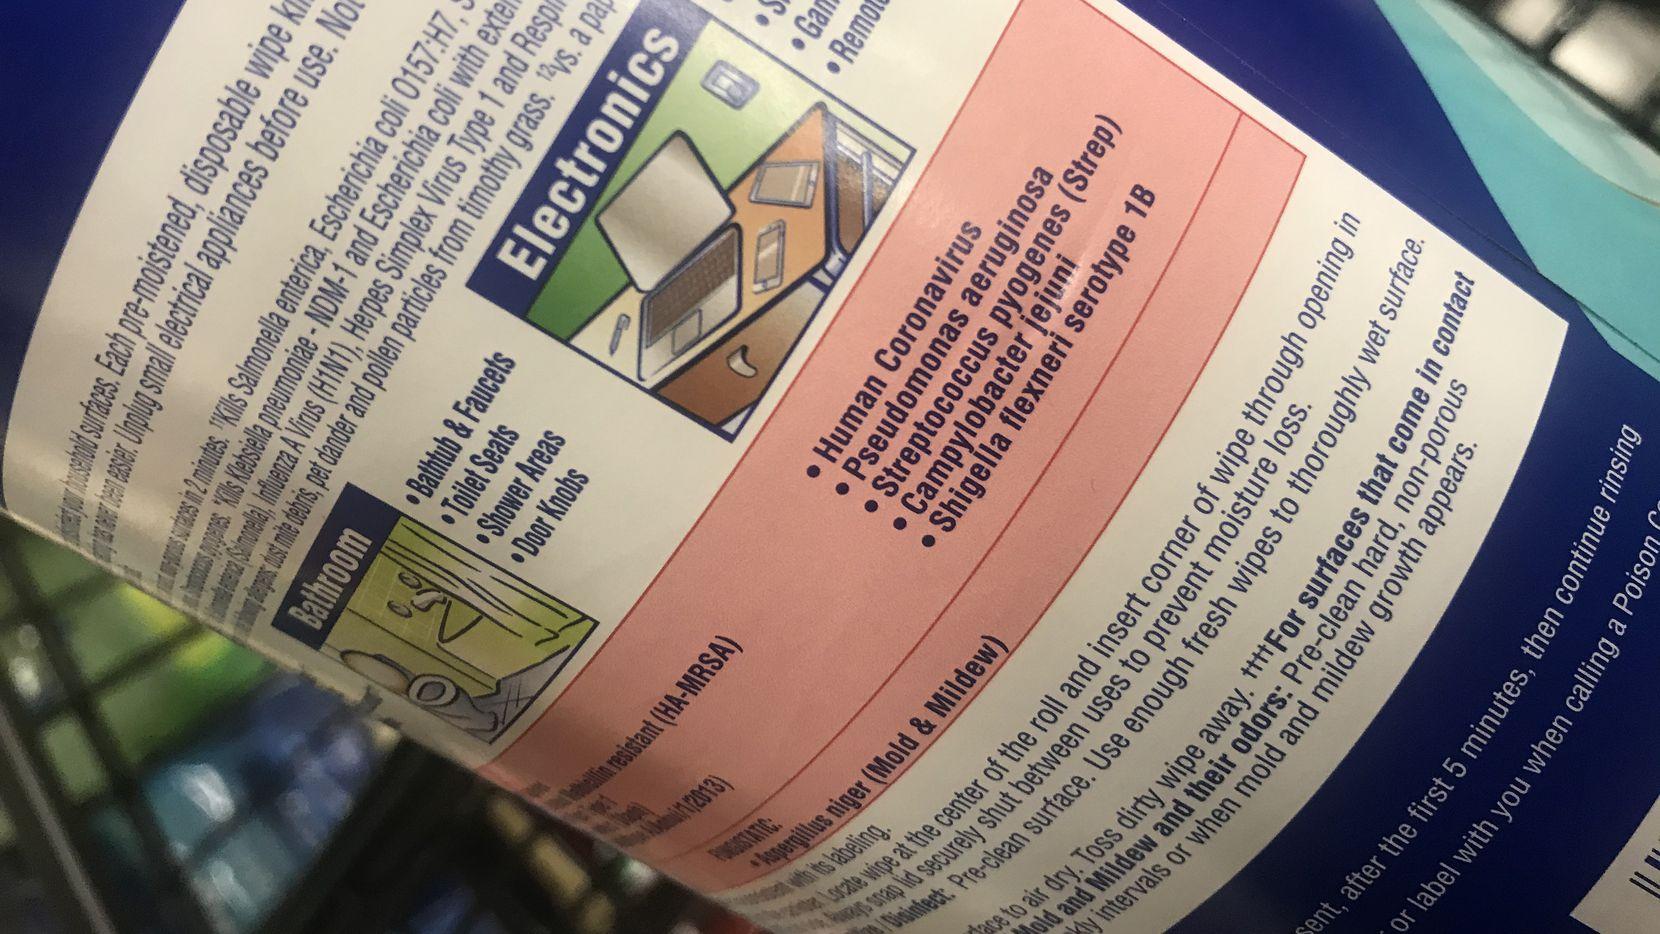 La etiqueta con instrucciones de un producto desinfectante.